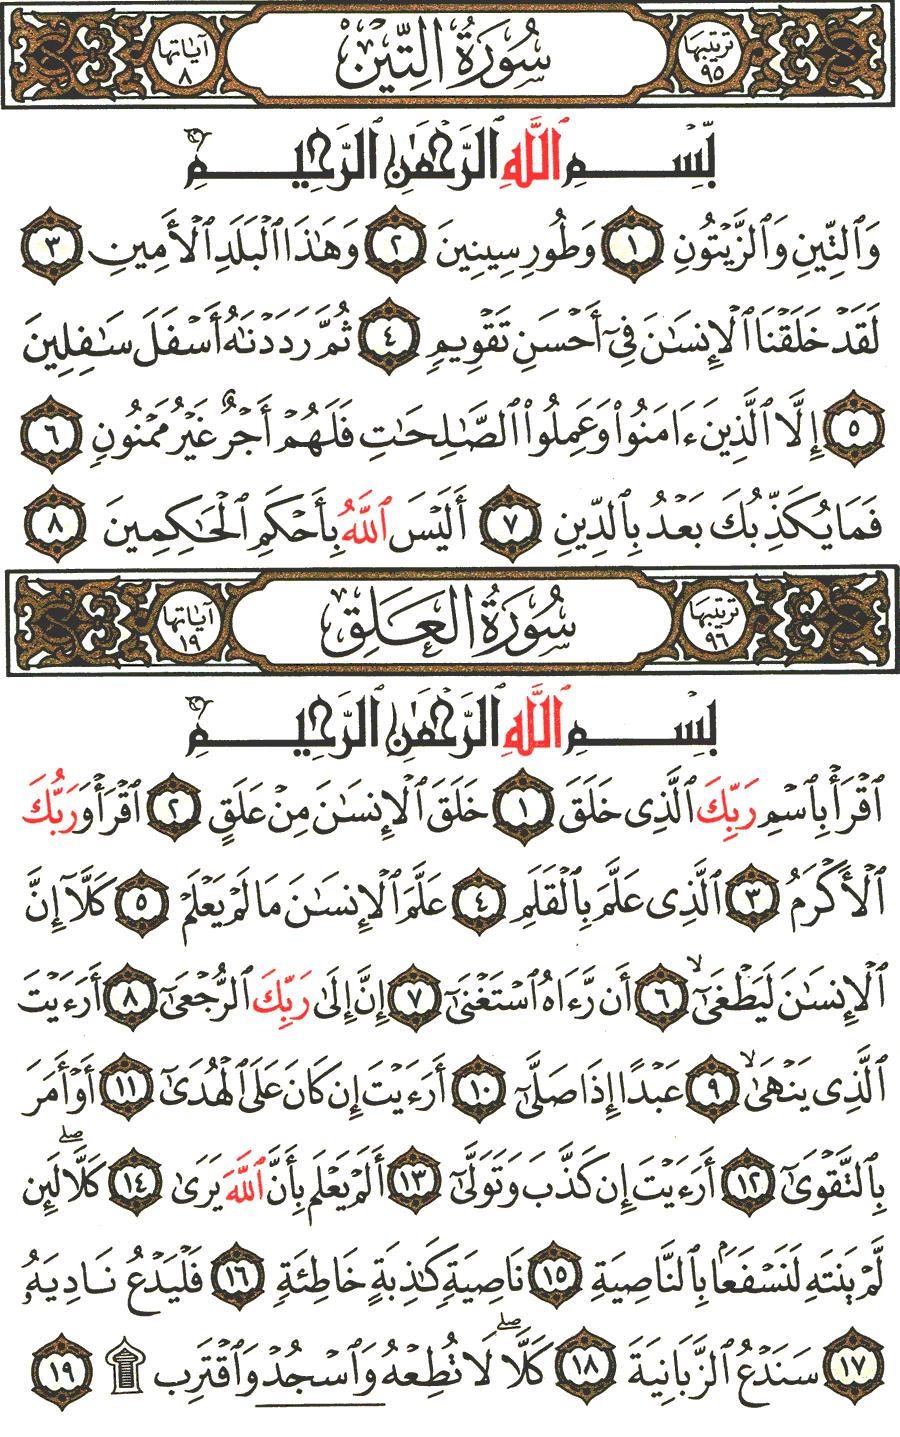 الصفحة رقم 597 من القرآن الكريم مكتوبة من المصحف